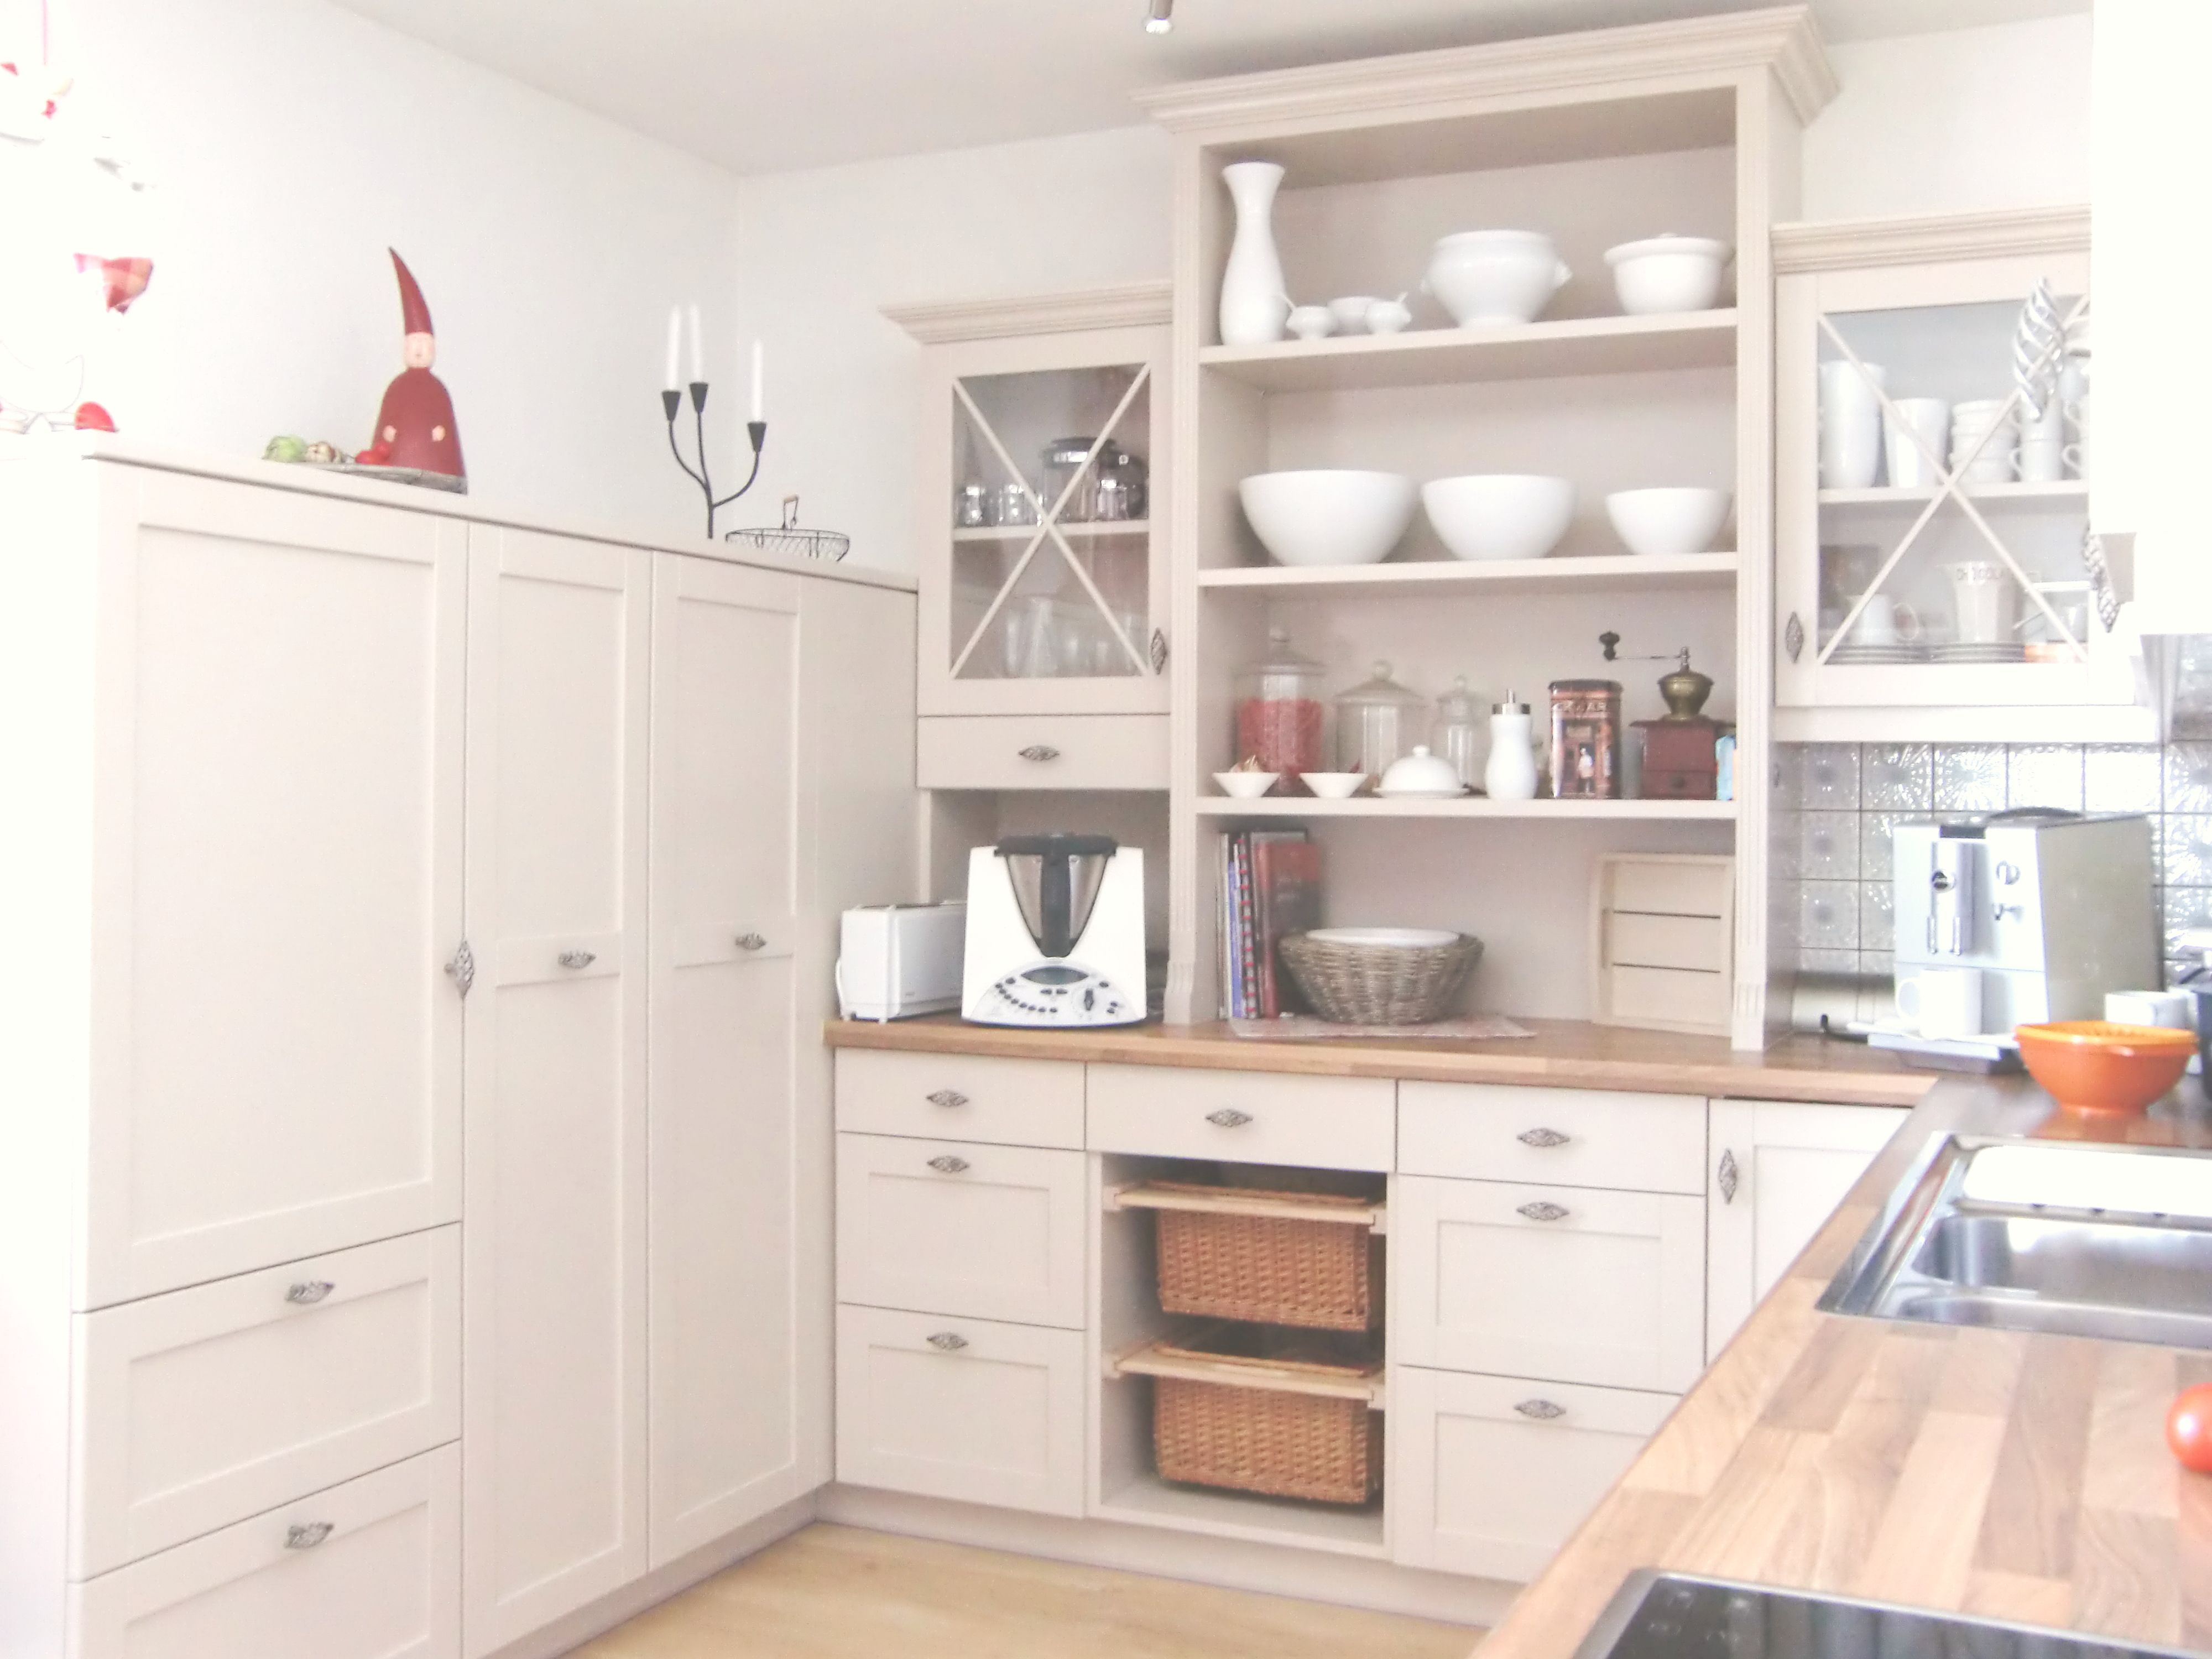 Nett Küchenschrank Einbauwerkzeuge Bilder - Küche Set Ideen ...